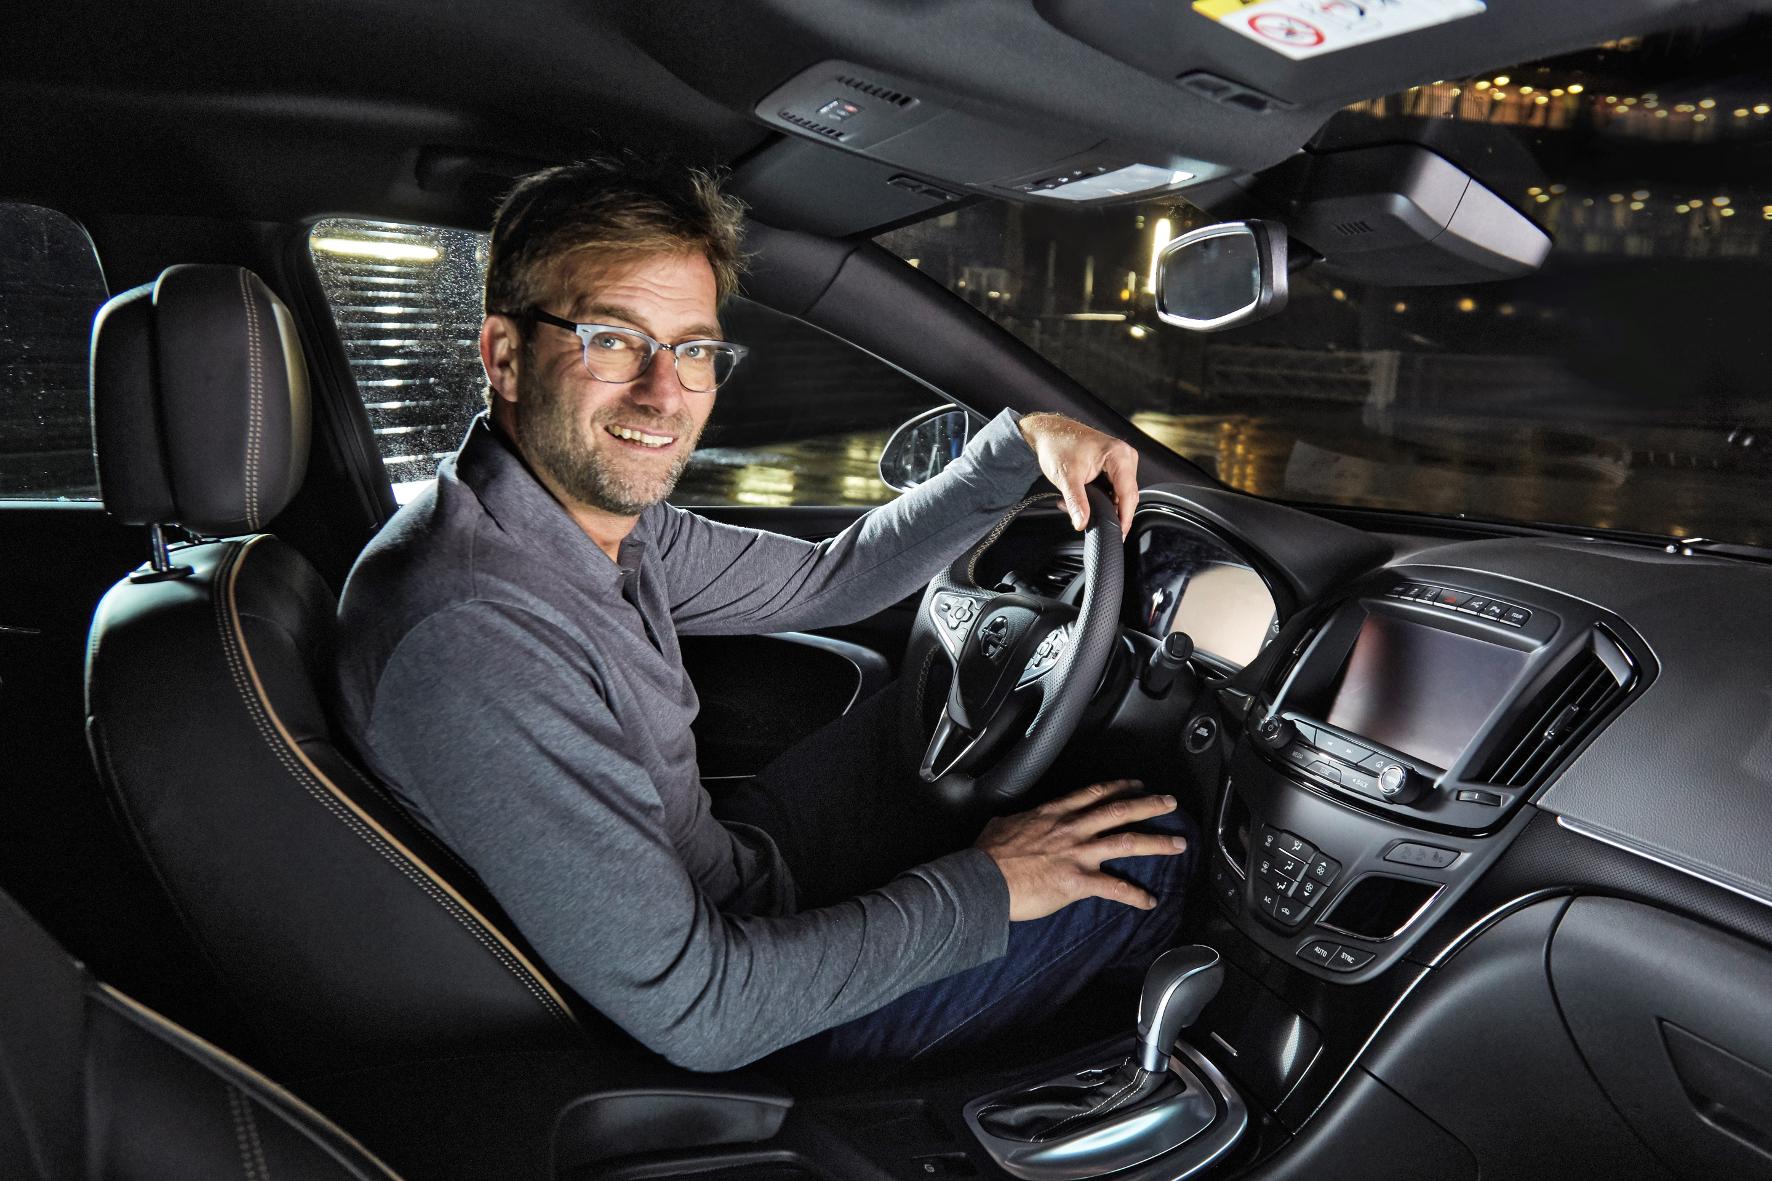 mid Groß-Gerau - Kult-Trainer Jürgen Klopp gibt kräftig Gas - und zwar in einem neuen Werbespot für Autobauer Opel.